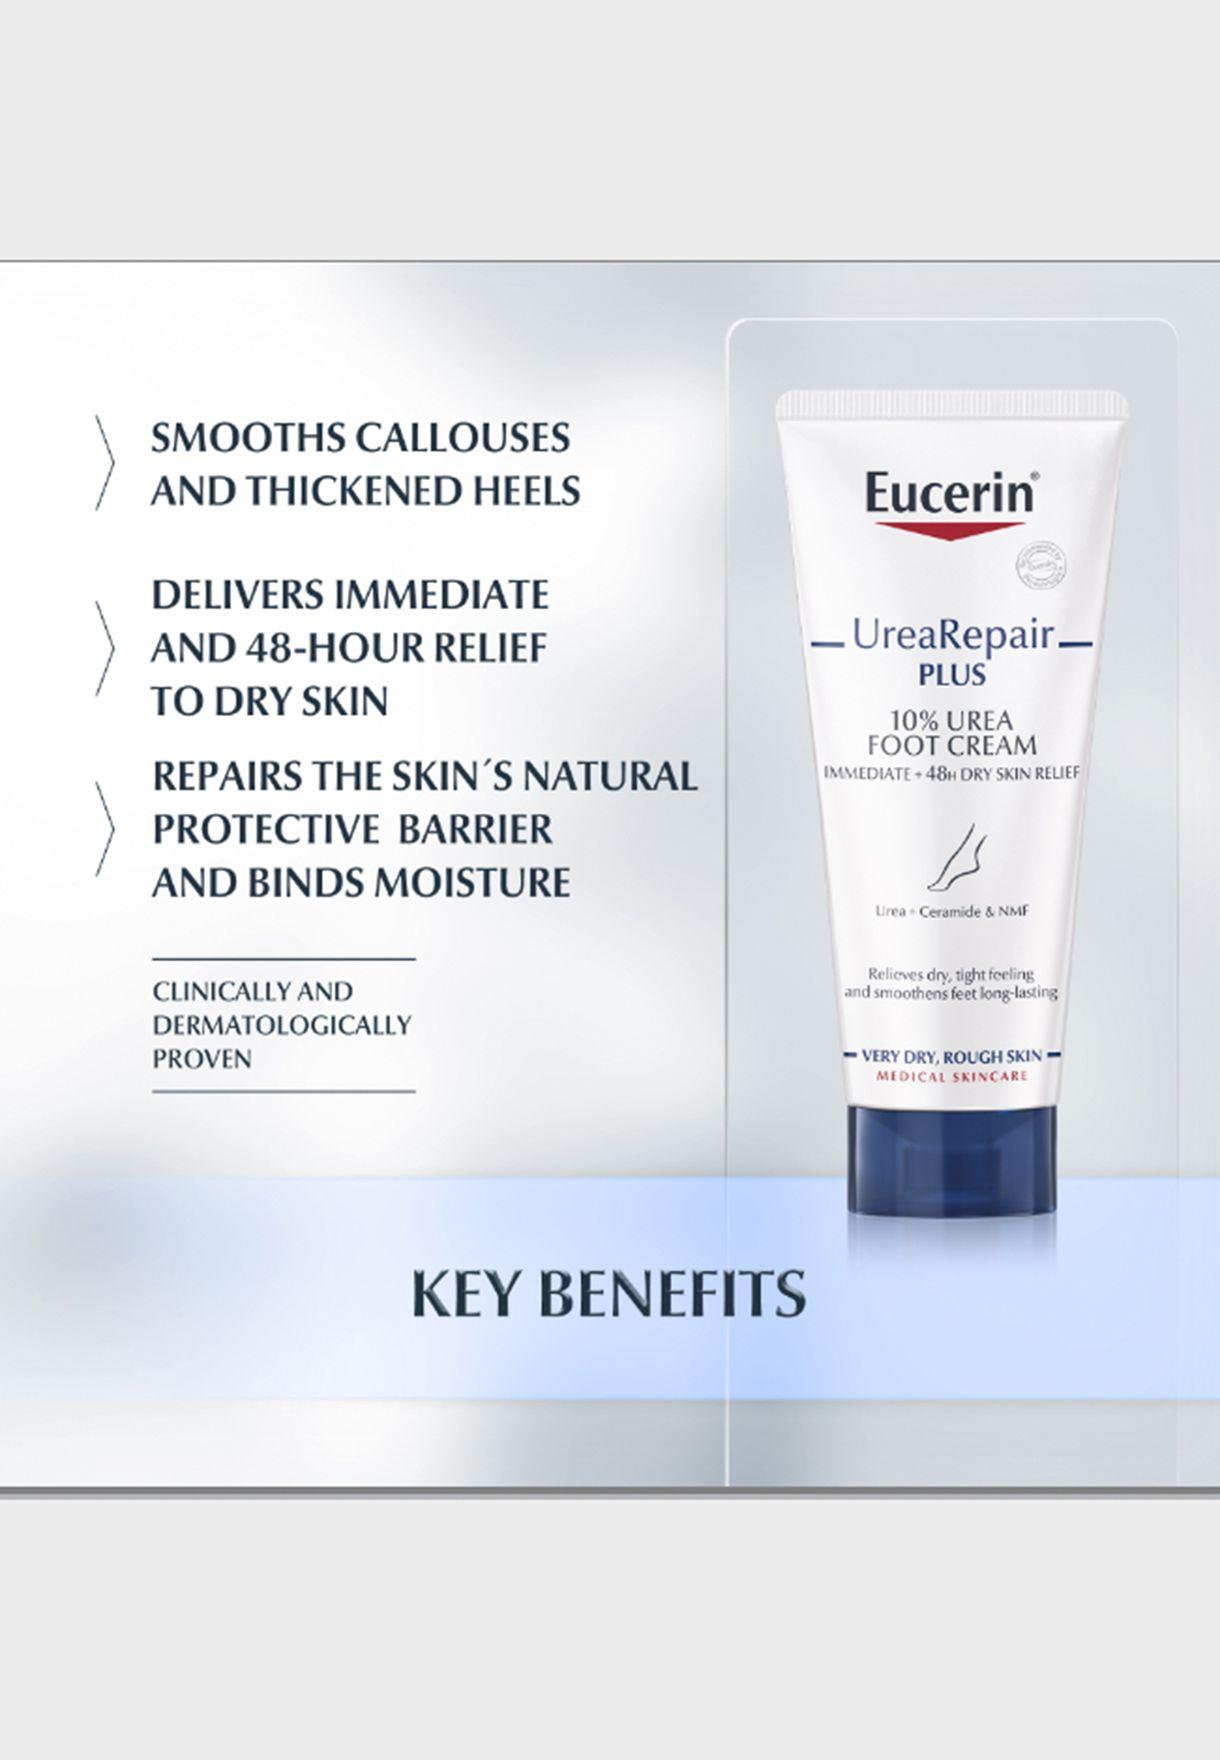 Eucerin Urea Repair Plus 10% Urea Foot Cream 100ml